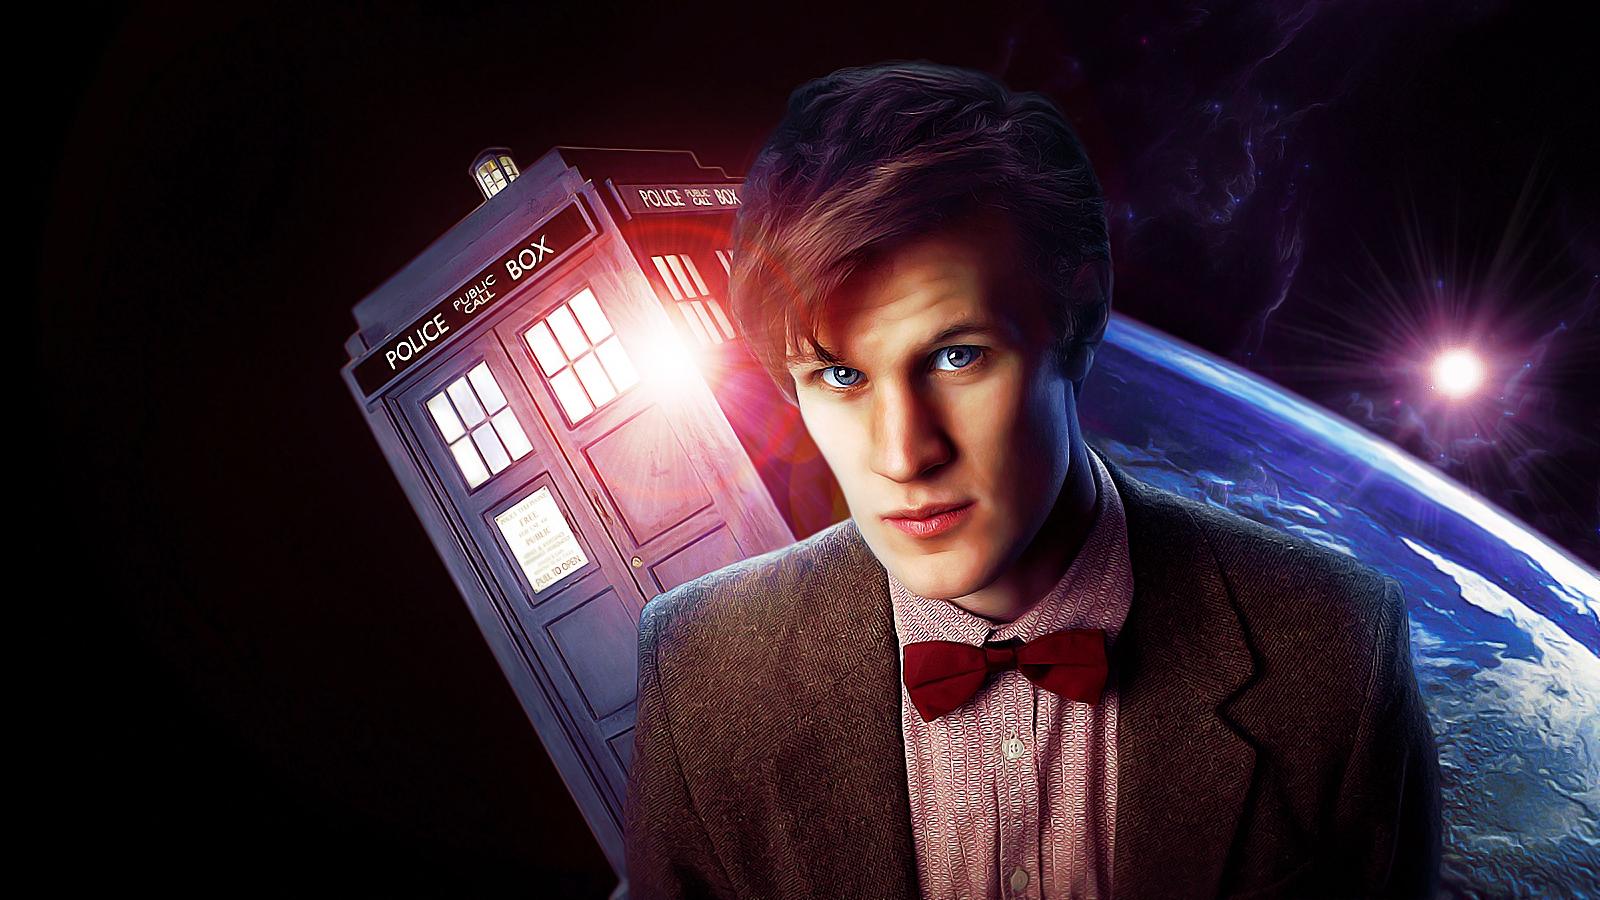 Download TARDIS Matt Wallpaper 1600x900 Wallpoper 428408 1600x900